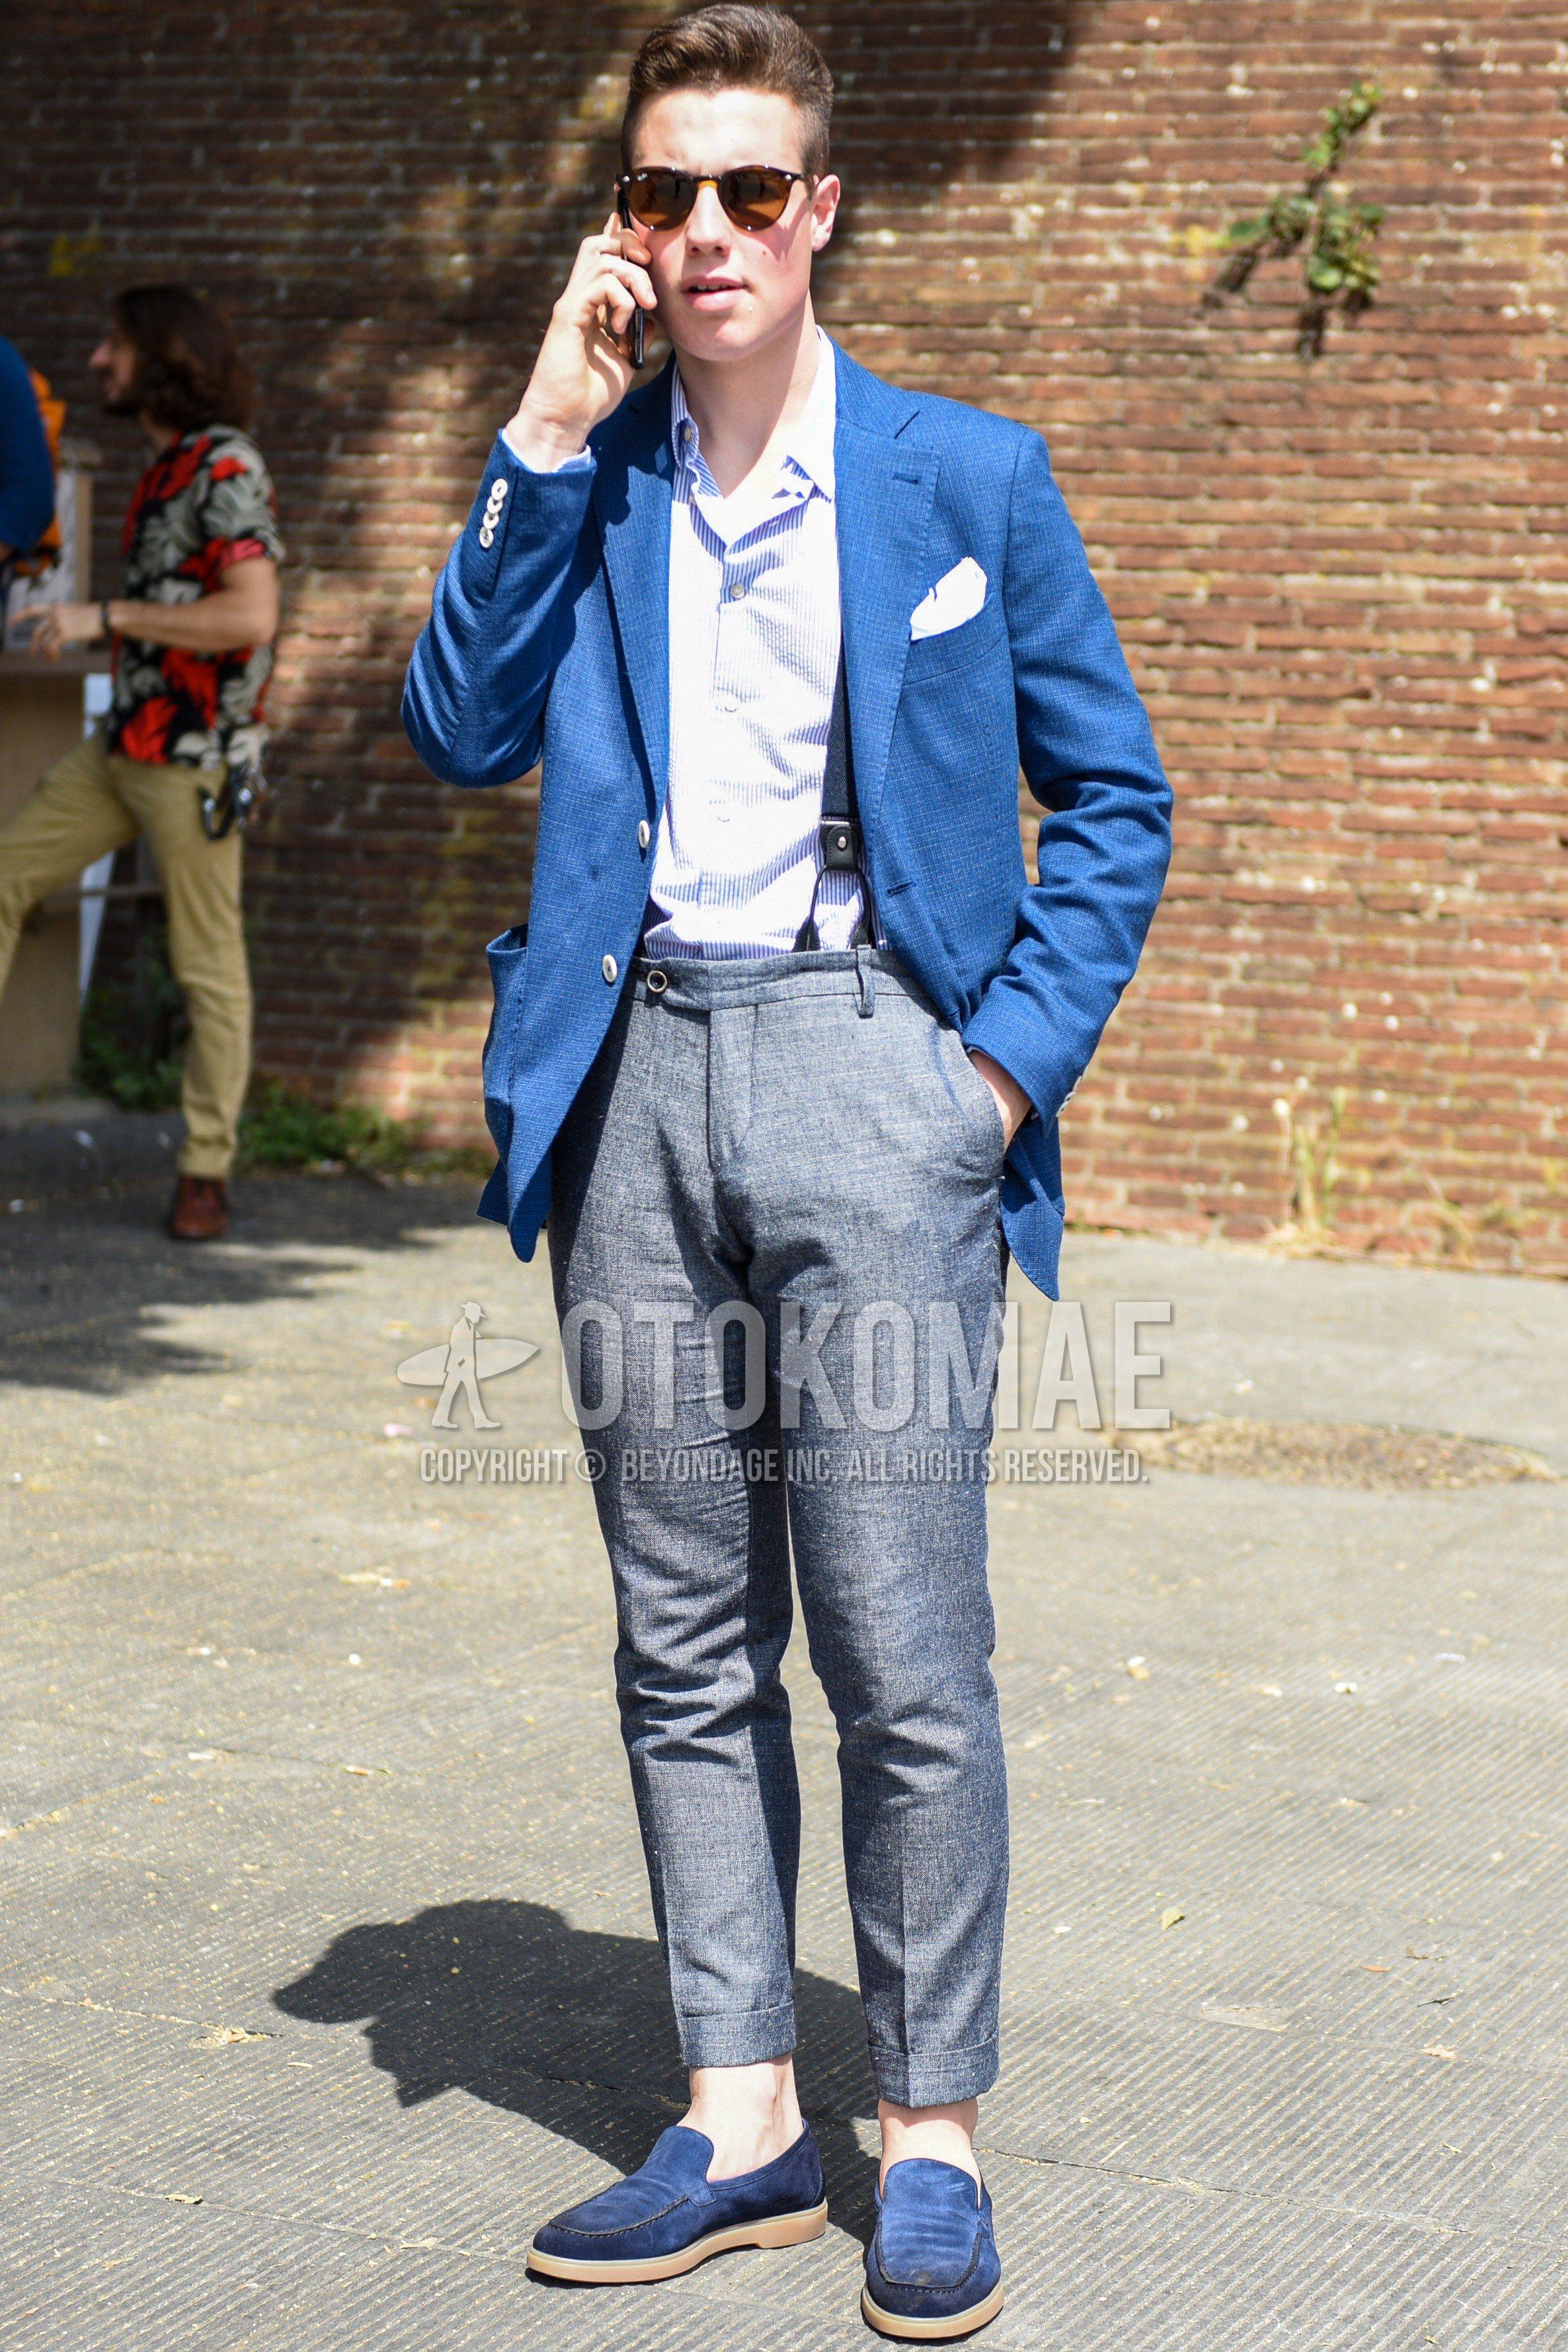 黒無地のサングラス、ブルー無地のテーラードジャケット、水色無地のシャツ、ネイビー無地のサスペンダー、グレー無地のベルトレスパンツ、ブルーローファーの革靴を合わせた春夏秋のメンズコーデ・着こなし。